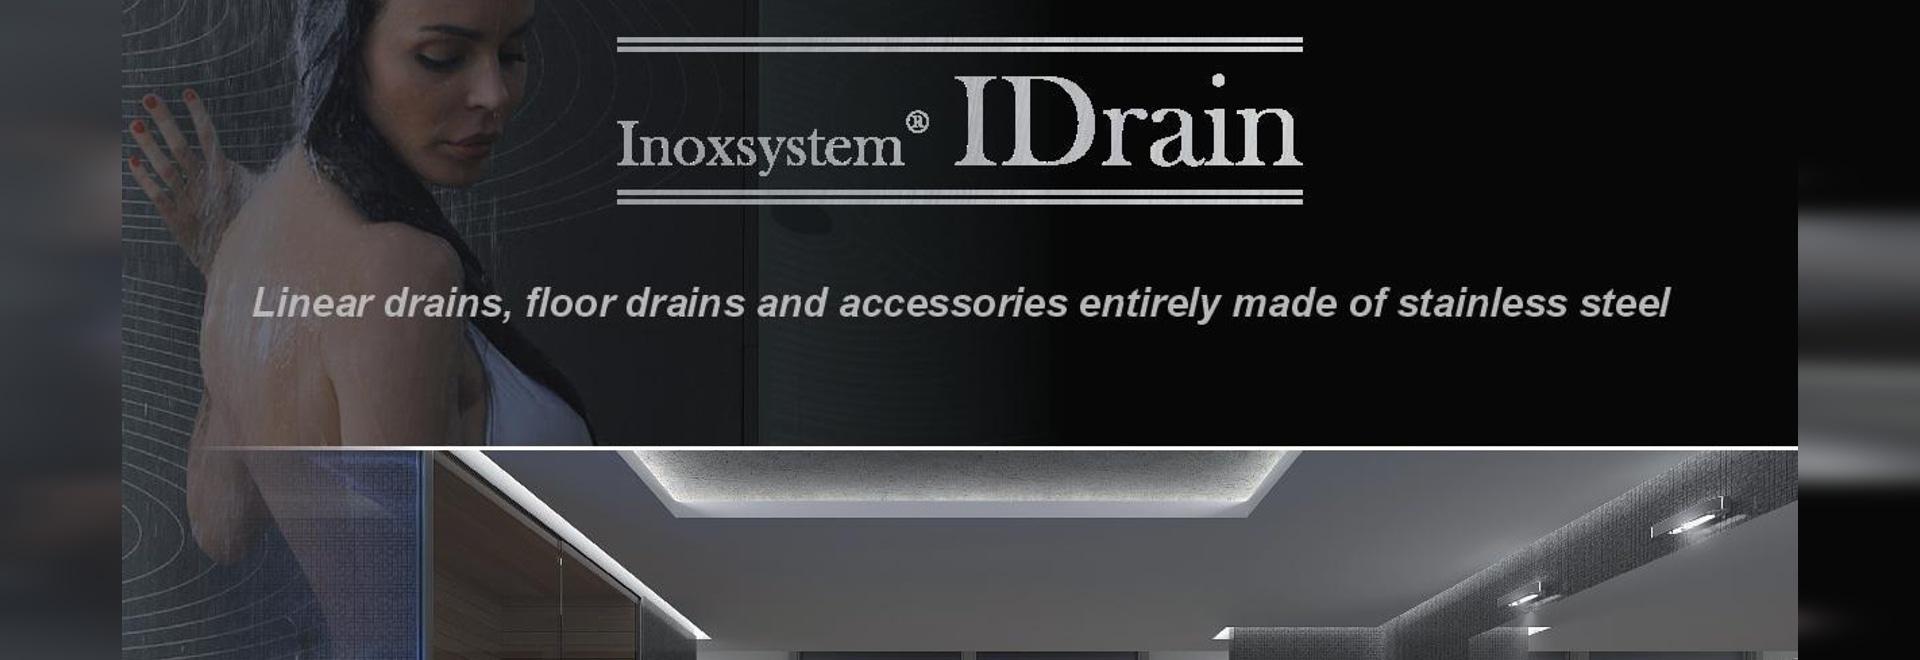 Inoxsystem IDrain®